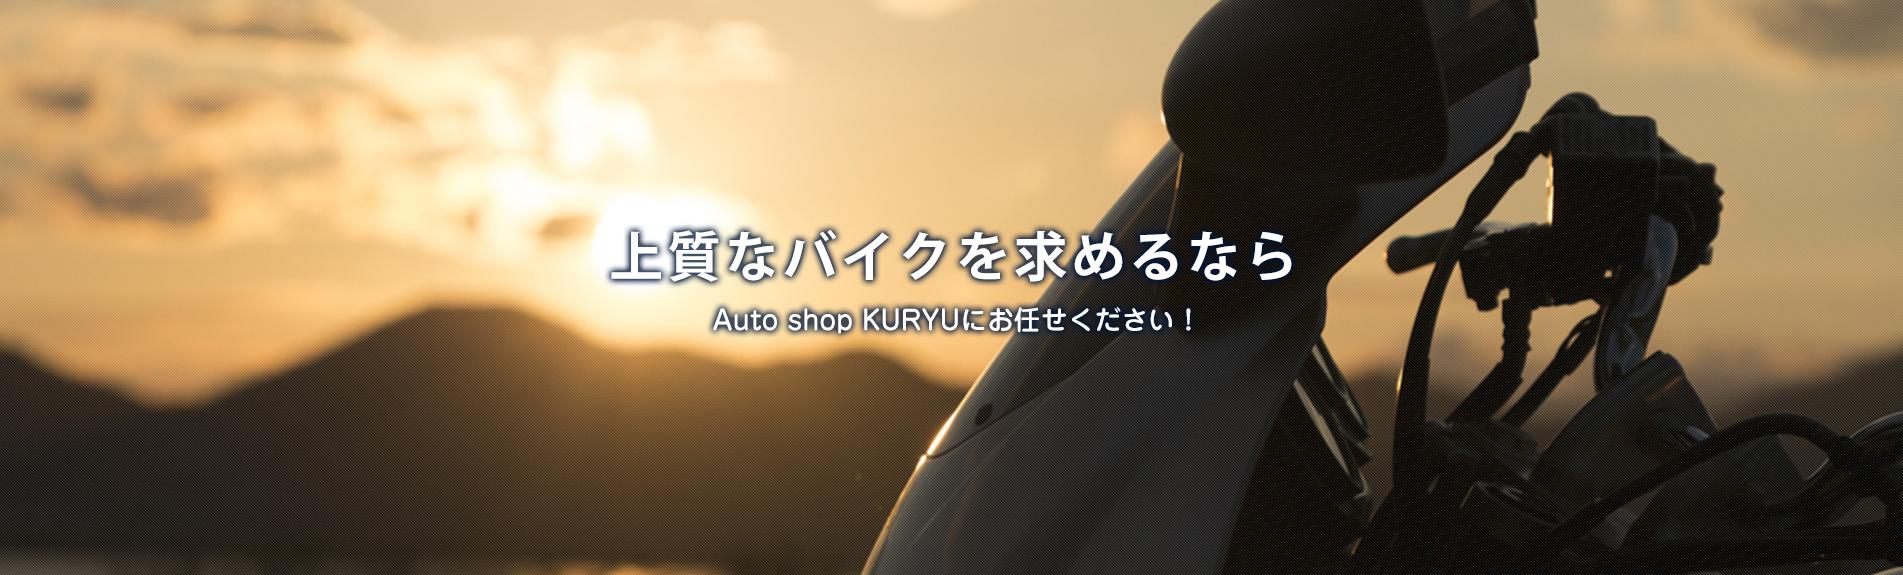 上質なバイクを求めるならAUTOSHOP KURYUにお任せ下さい!